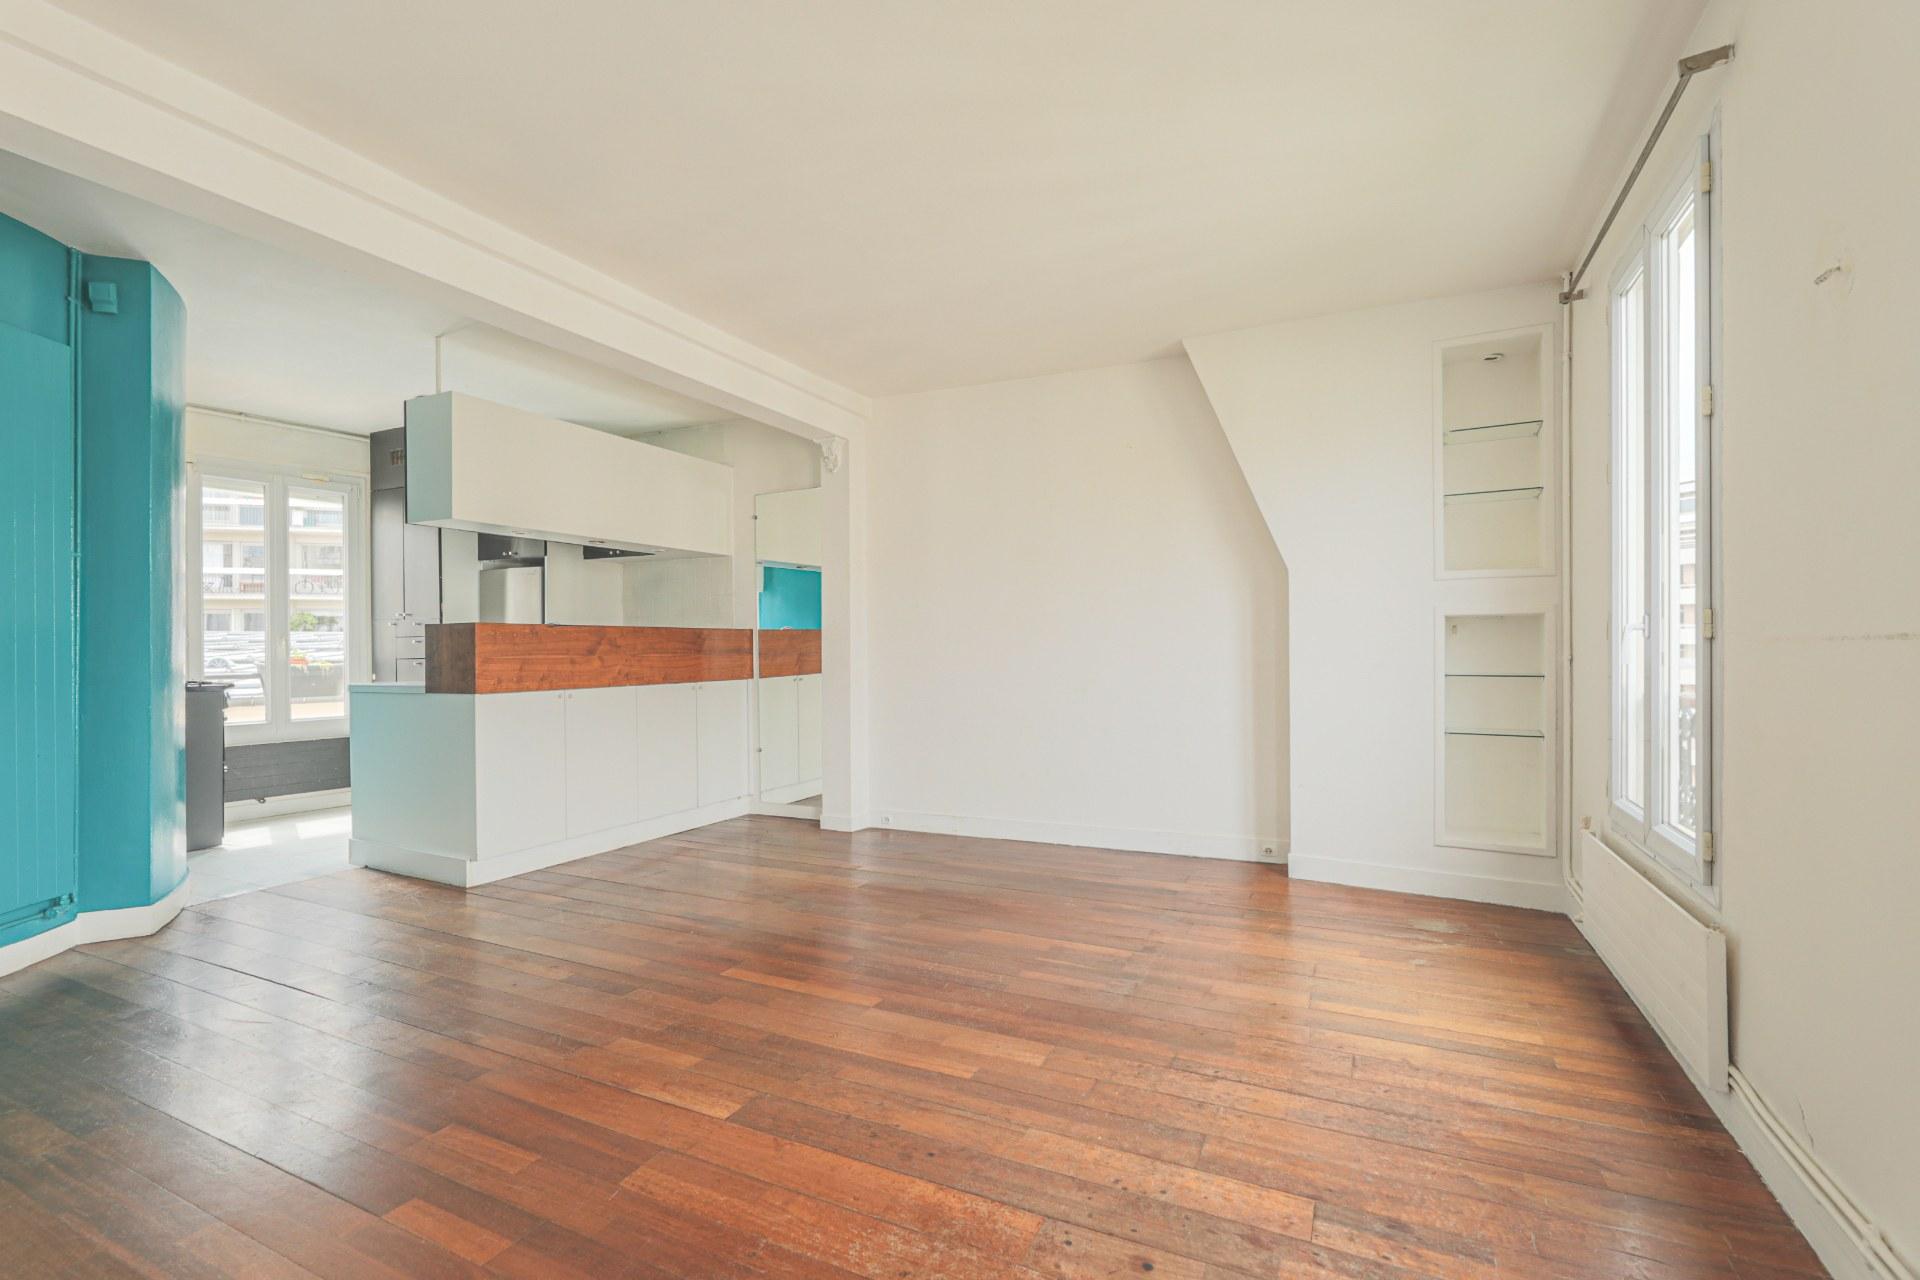 Rue Ordener – Appartement 4 pièces 3 chambres de 69 m² avec vue dégagée 4